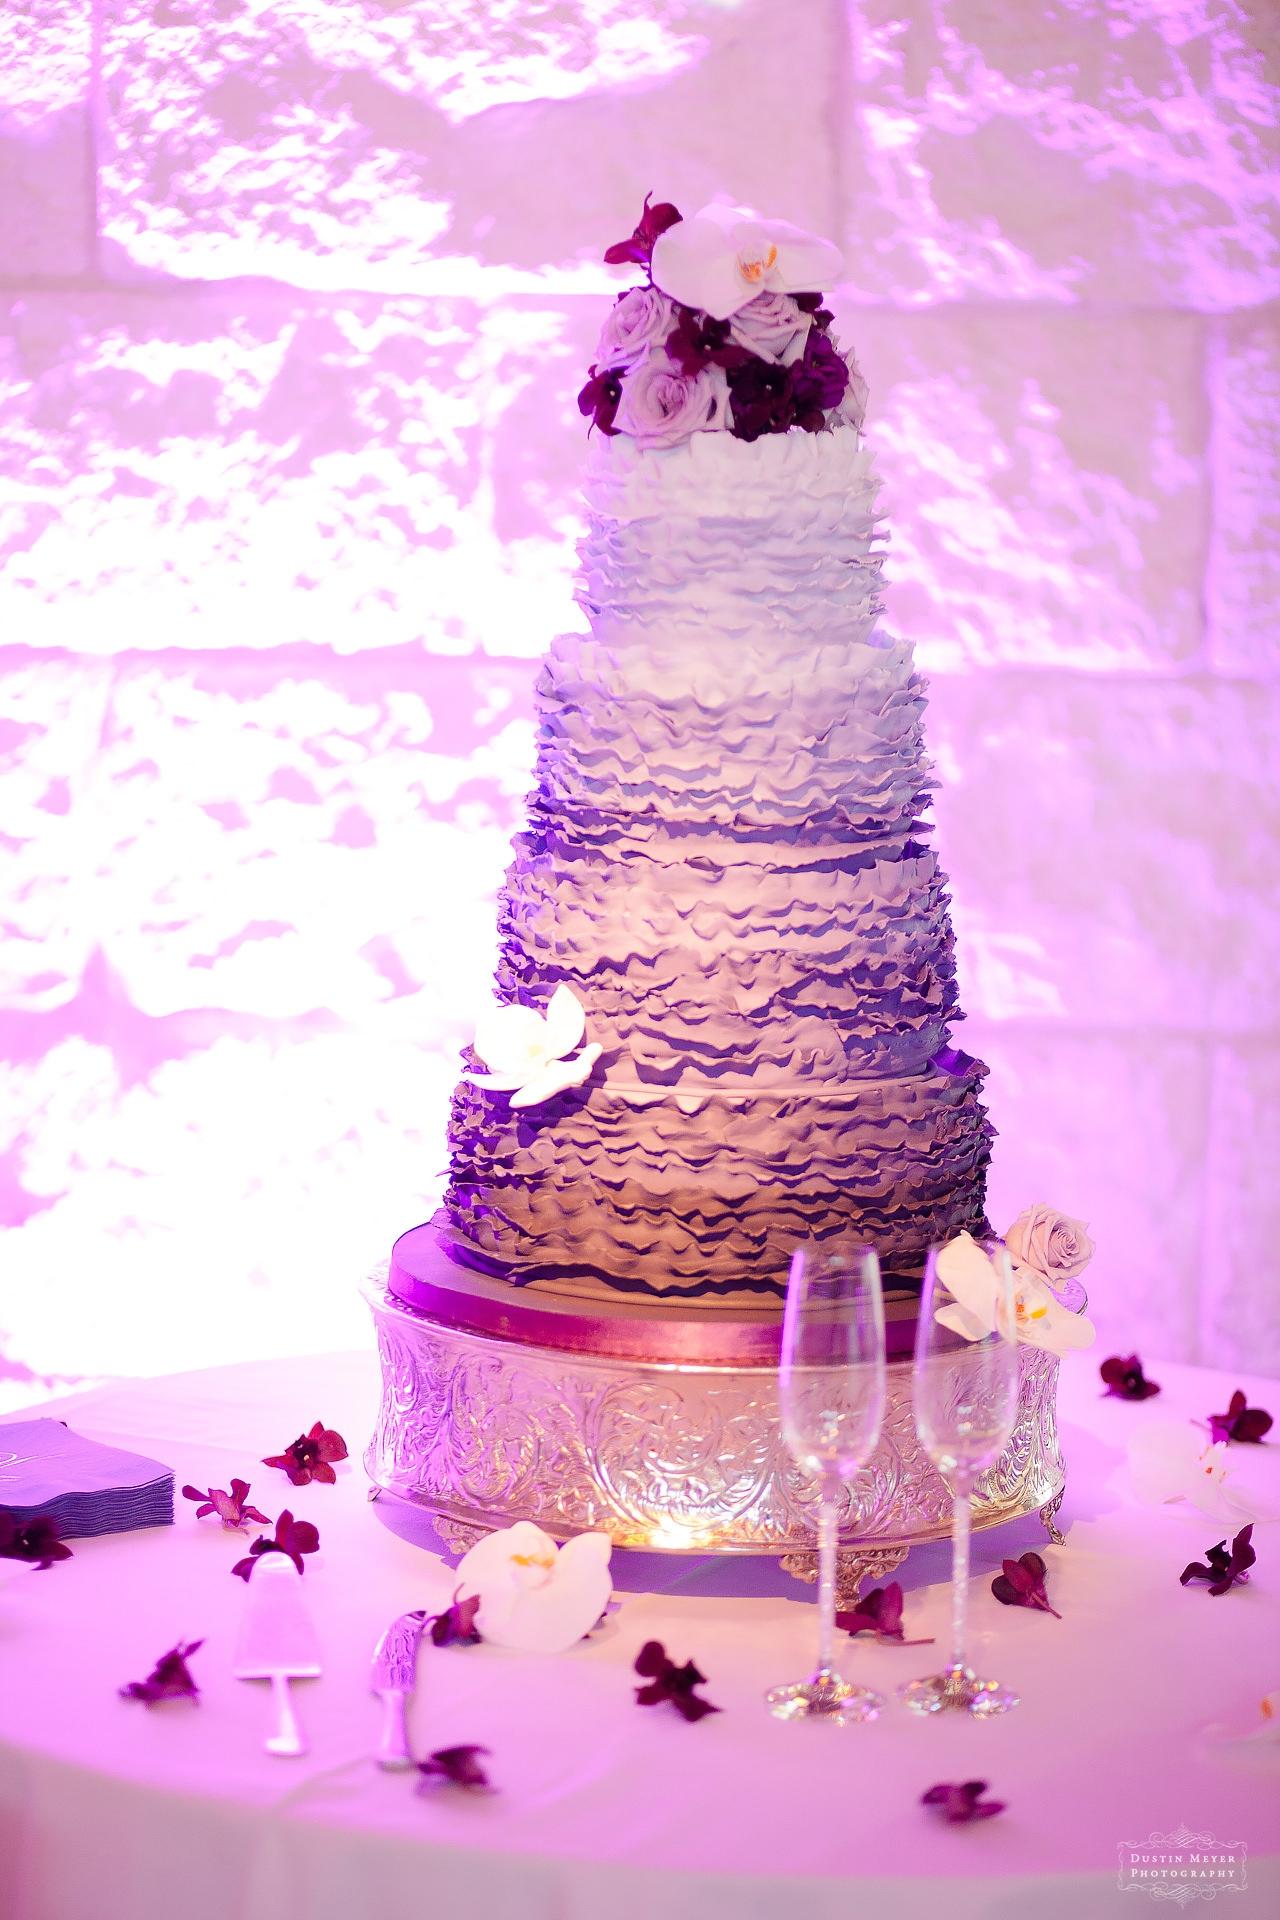 bridal wedding bride's cake